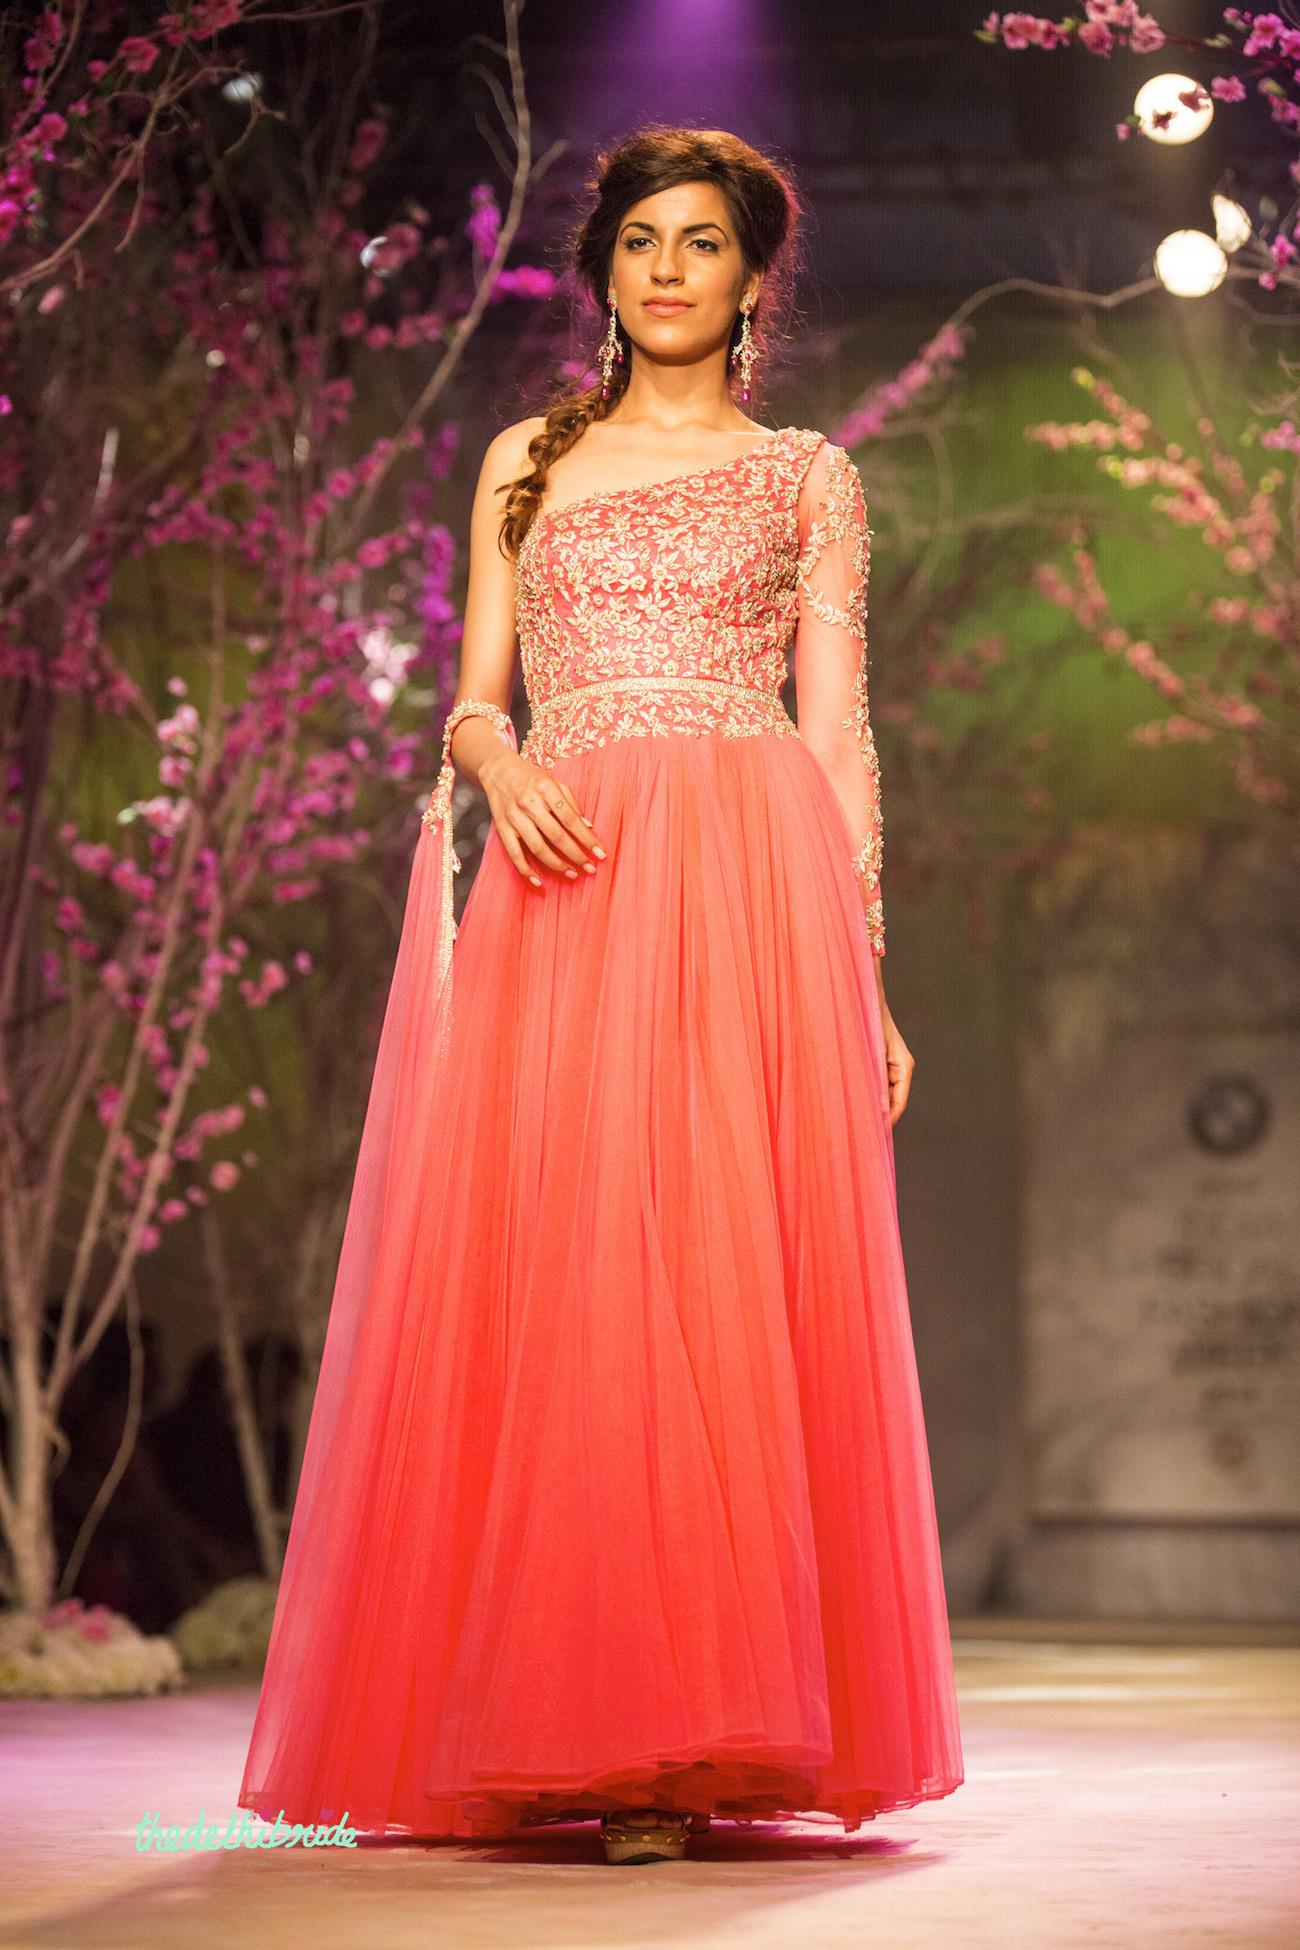 Jyotsna Tiwari At India Bridal Fashion Week 2014 An